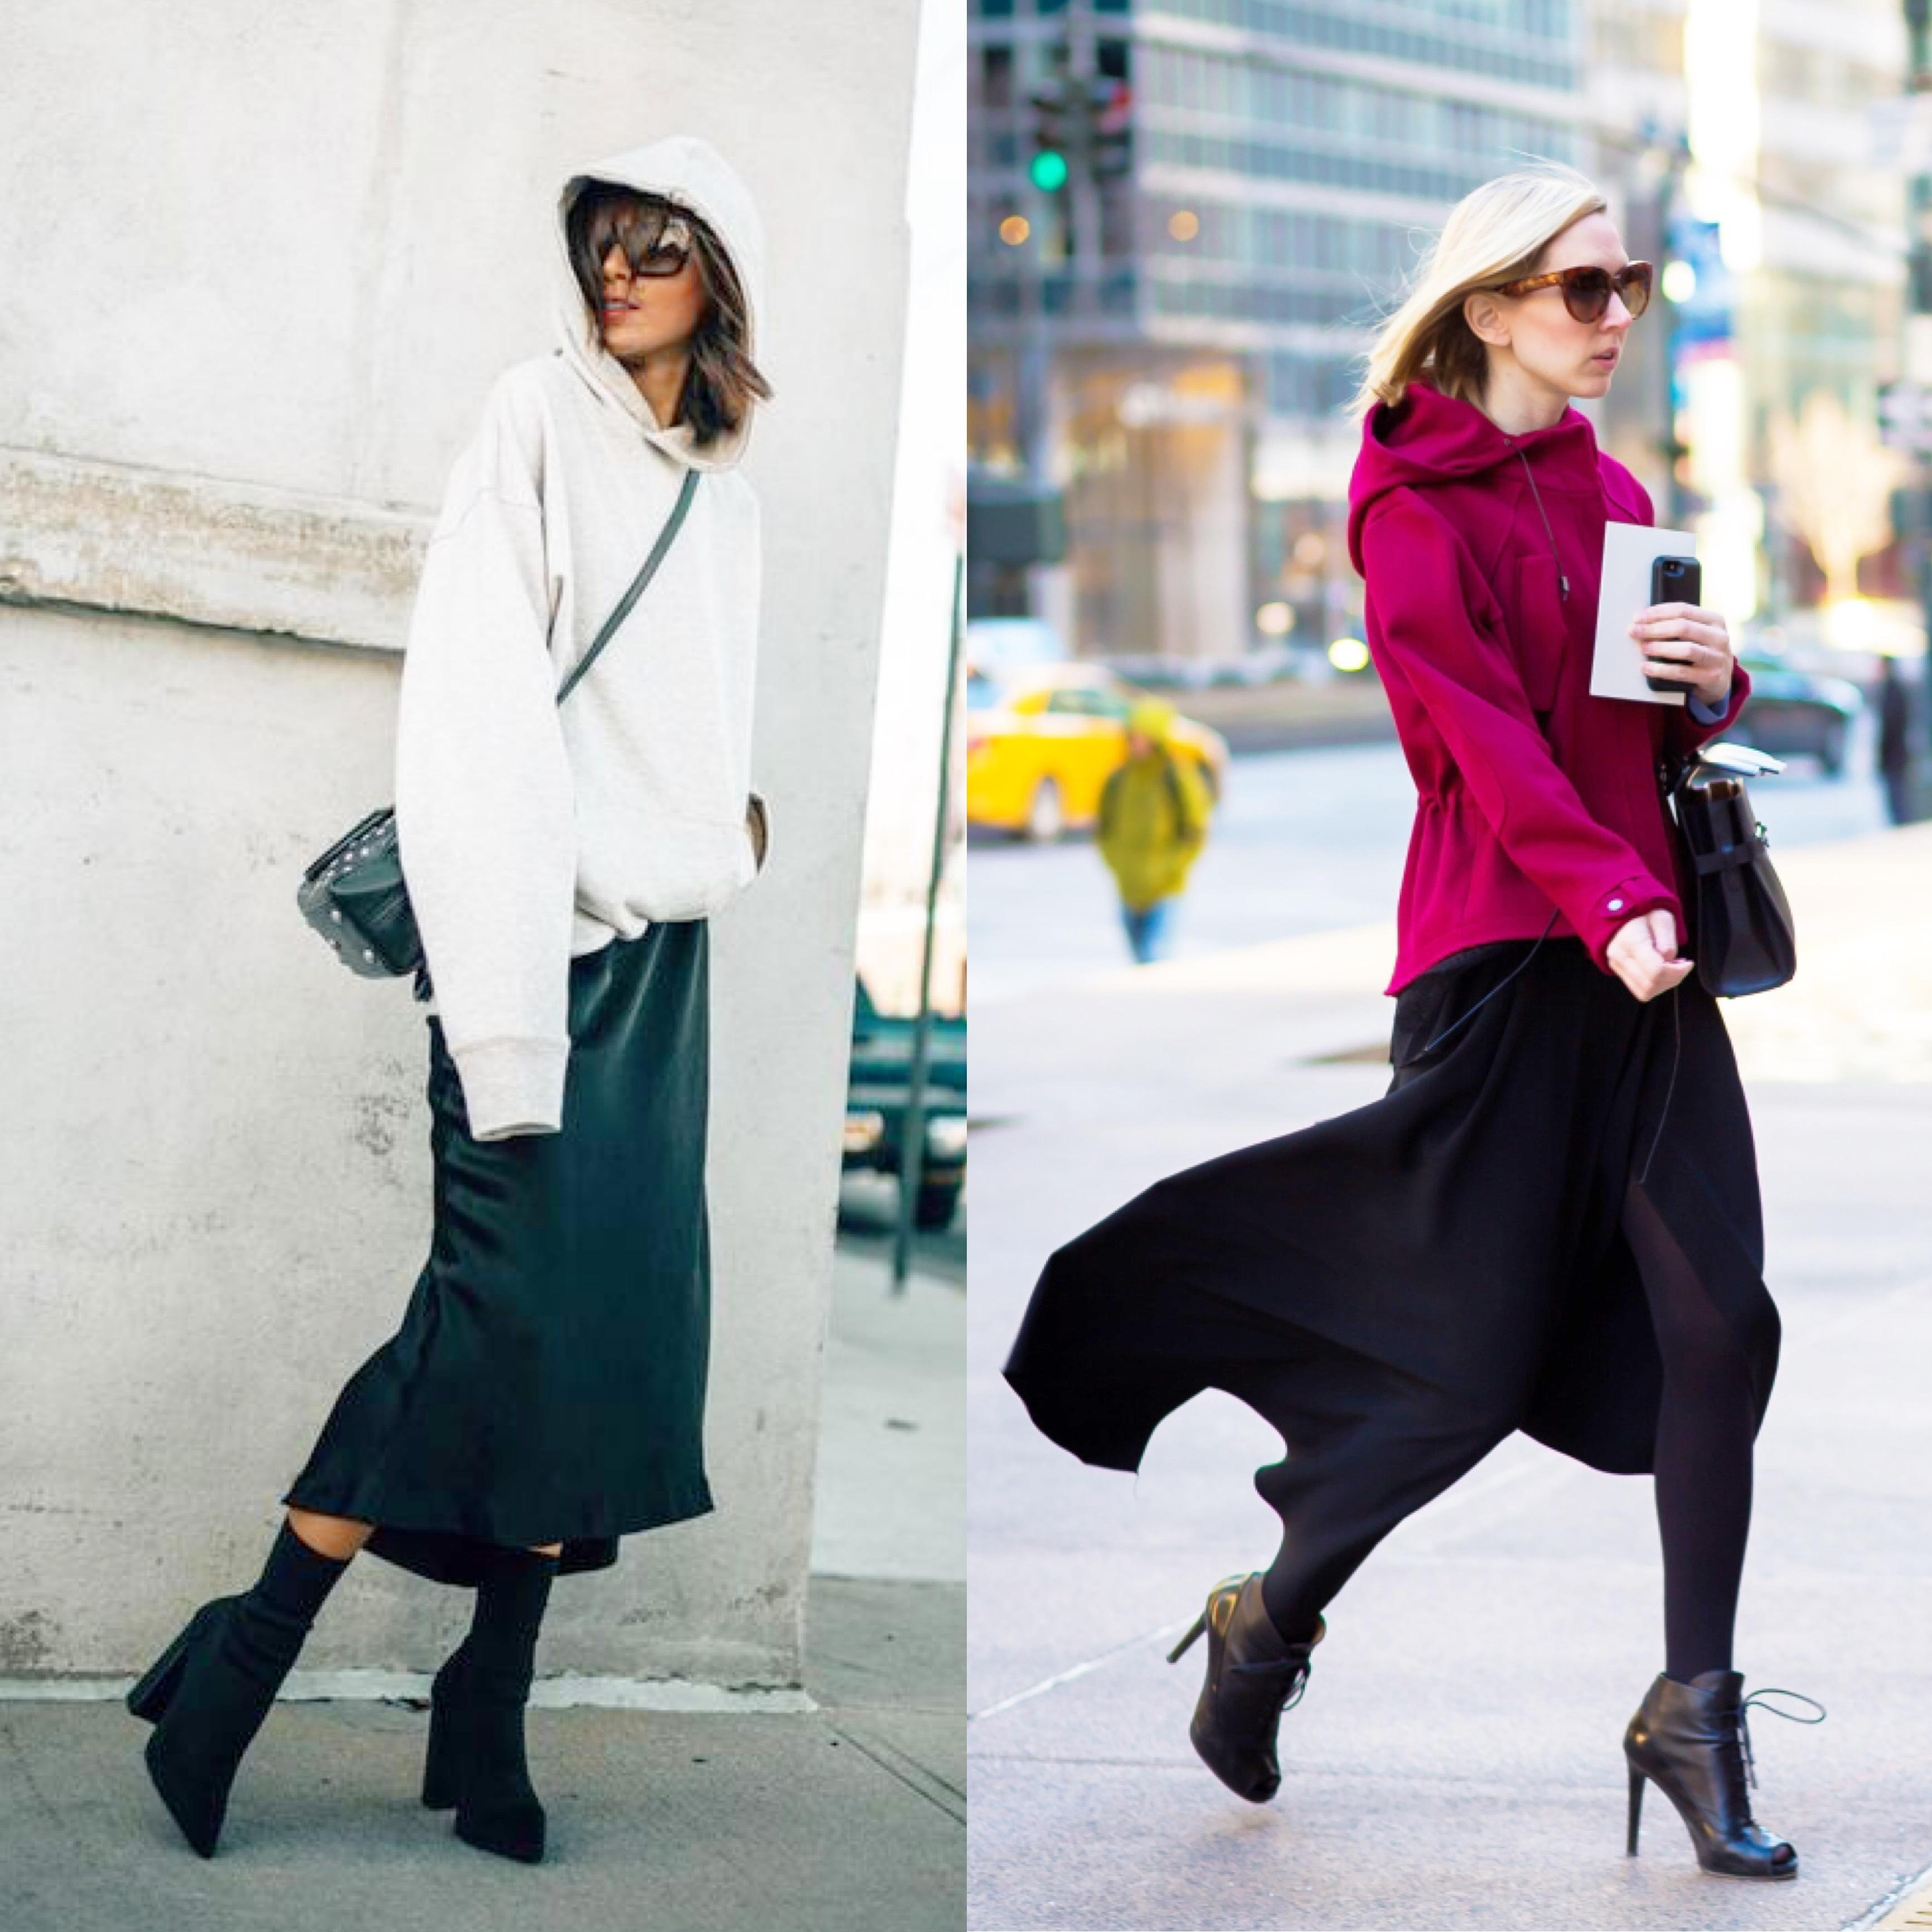 帮你总结一衣多穿的搭配速成法,换季也能从容度过。__